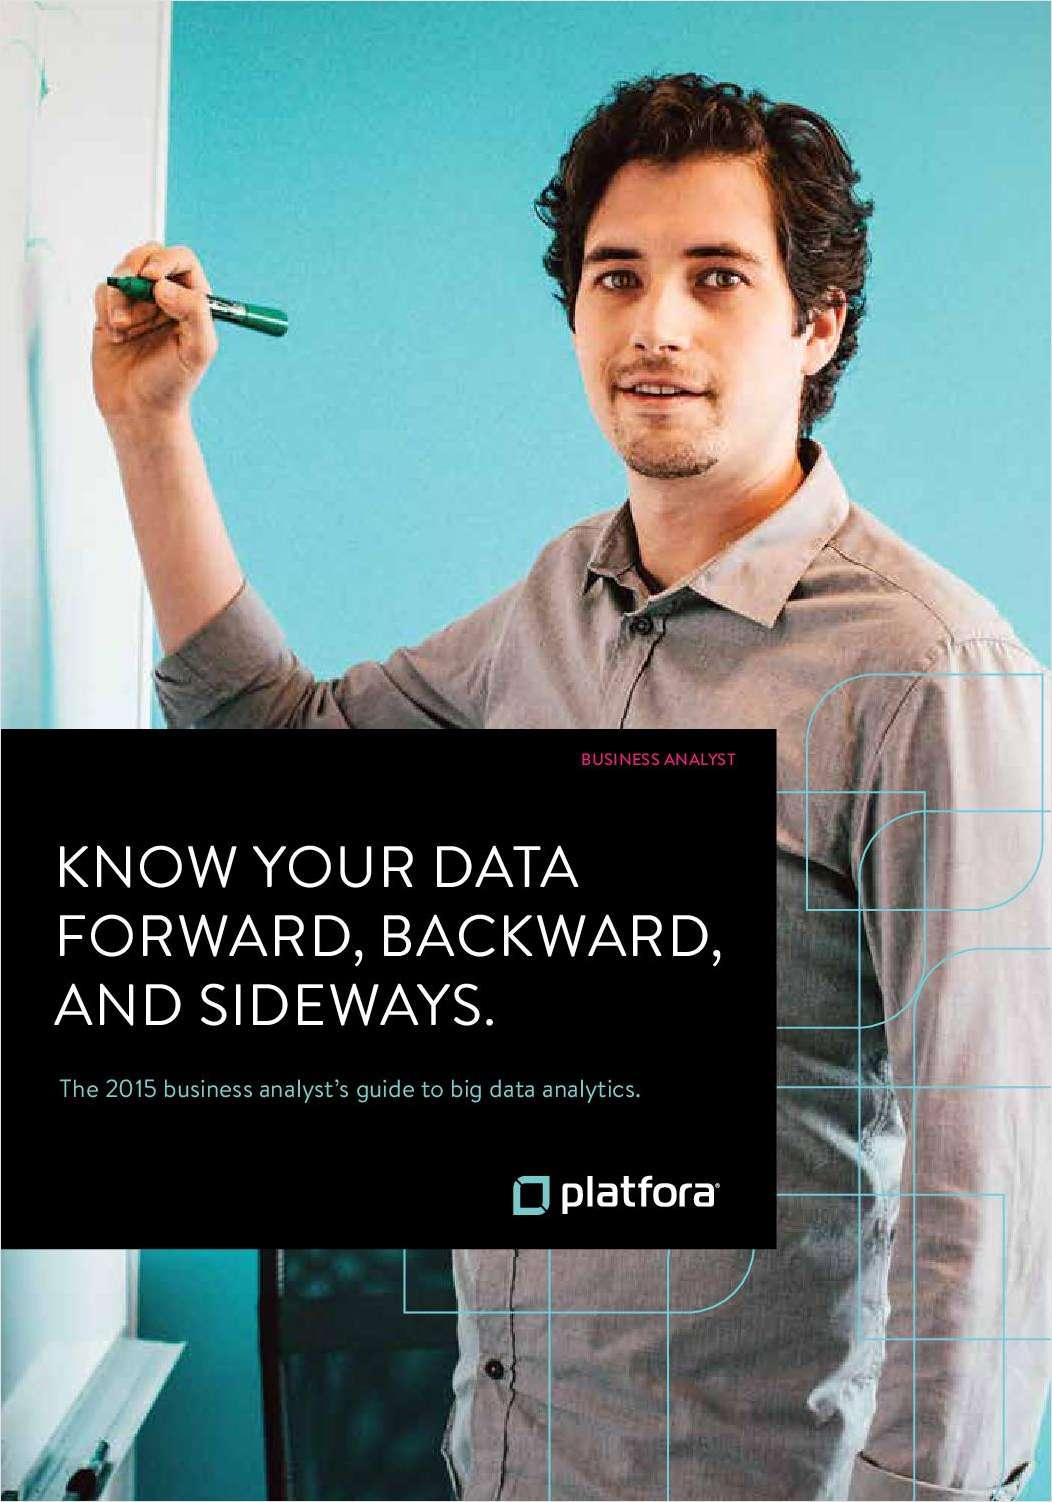 Know Your Data Forward, Backward and Sideways